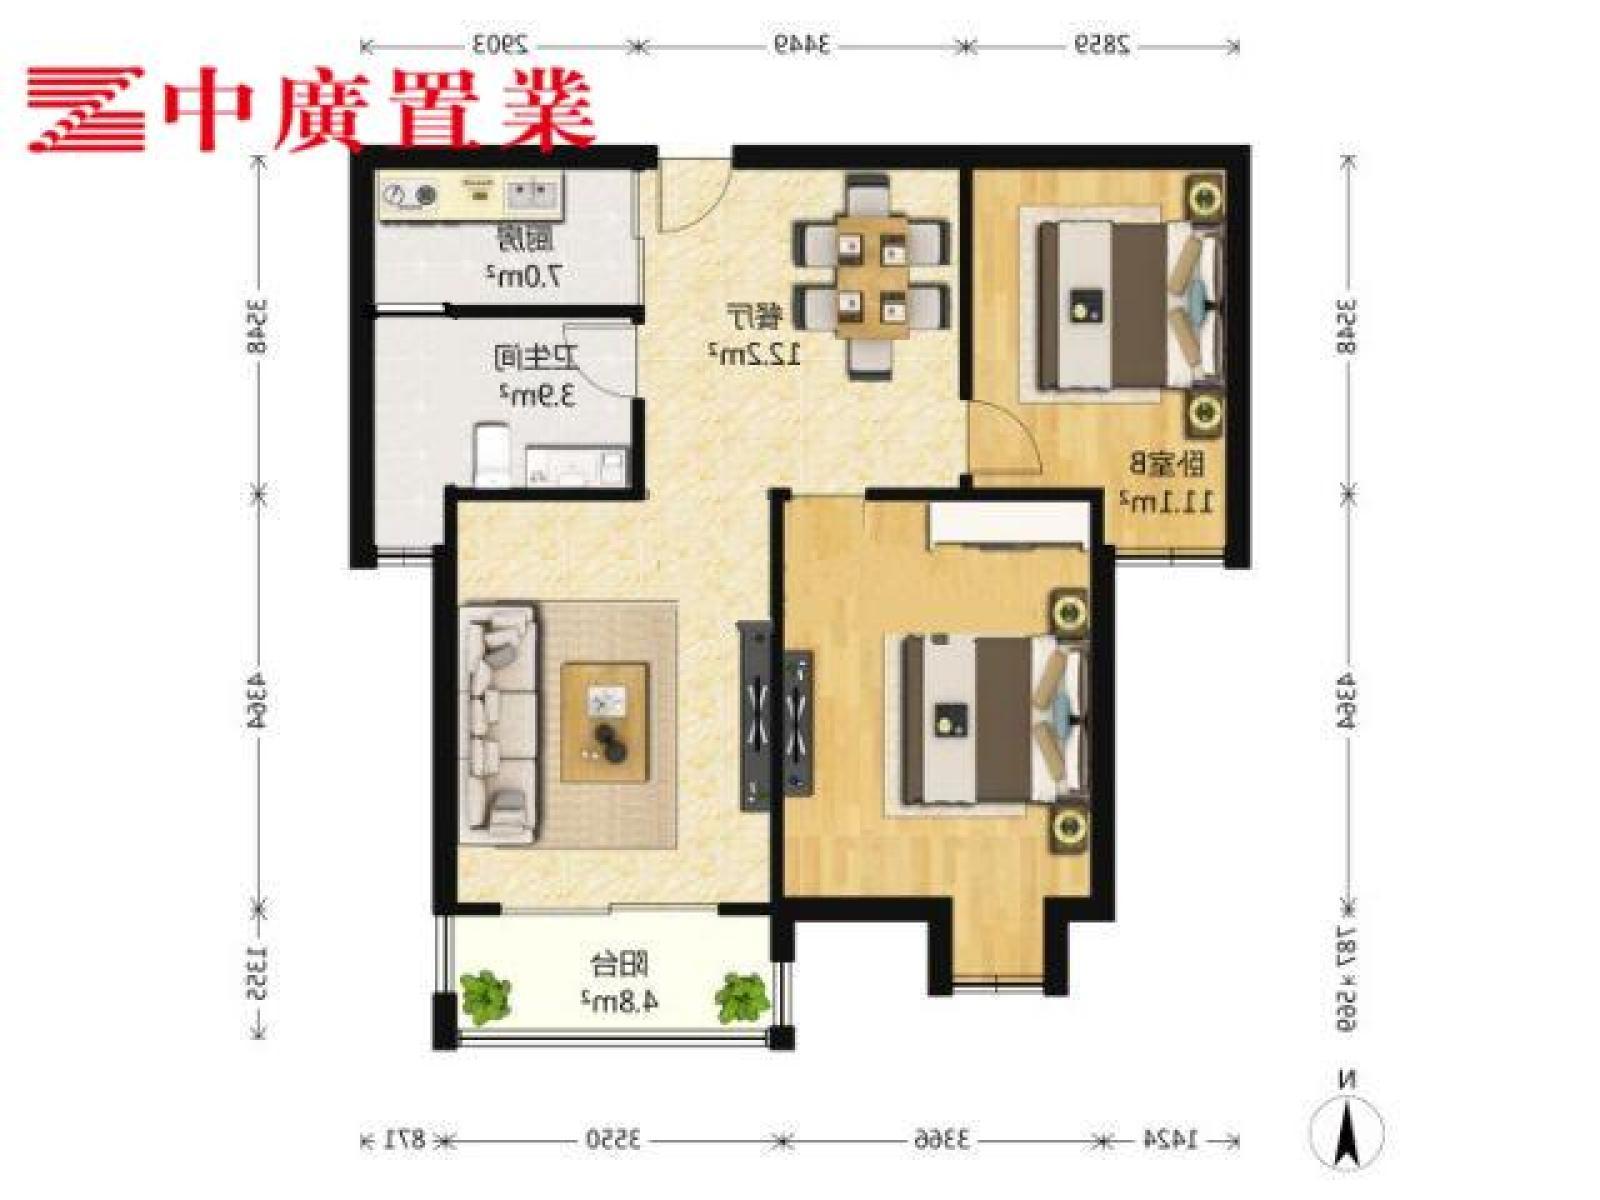 房源介绍 1、奥体融侨中央花园 2、朝向:南北, 3、面积:89平方米 4、价格:5500.0元 5、环境:房子采光好,小区环境优美,24小时治安管理,周围交通方便,购物方便。 6、也许很多虚假的房子让您困扰,我推荐的房子纯属真实房源,能为您找到一个温馨的家,一直作为我的首要任务,有需要的请和我联系,我愿意为您找个温馨的家。 公交:134路、160路 幼儿园:南京市奥体艺术幼儿园、南京师范大学中海幼儿园、月安幼儿园、南师大附属幼儿园、建业区实验幼儿园、东方剑桥幼儿园。 中小学:南京市奥体小学、南京师范大学